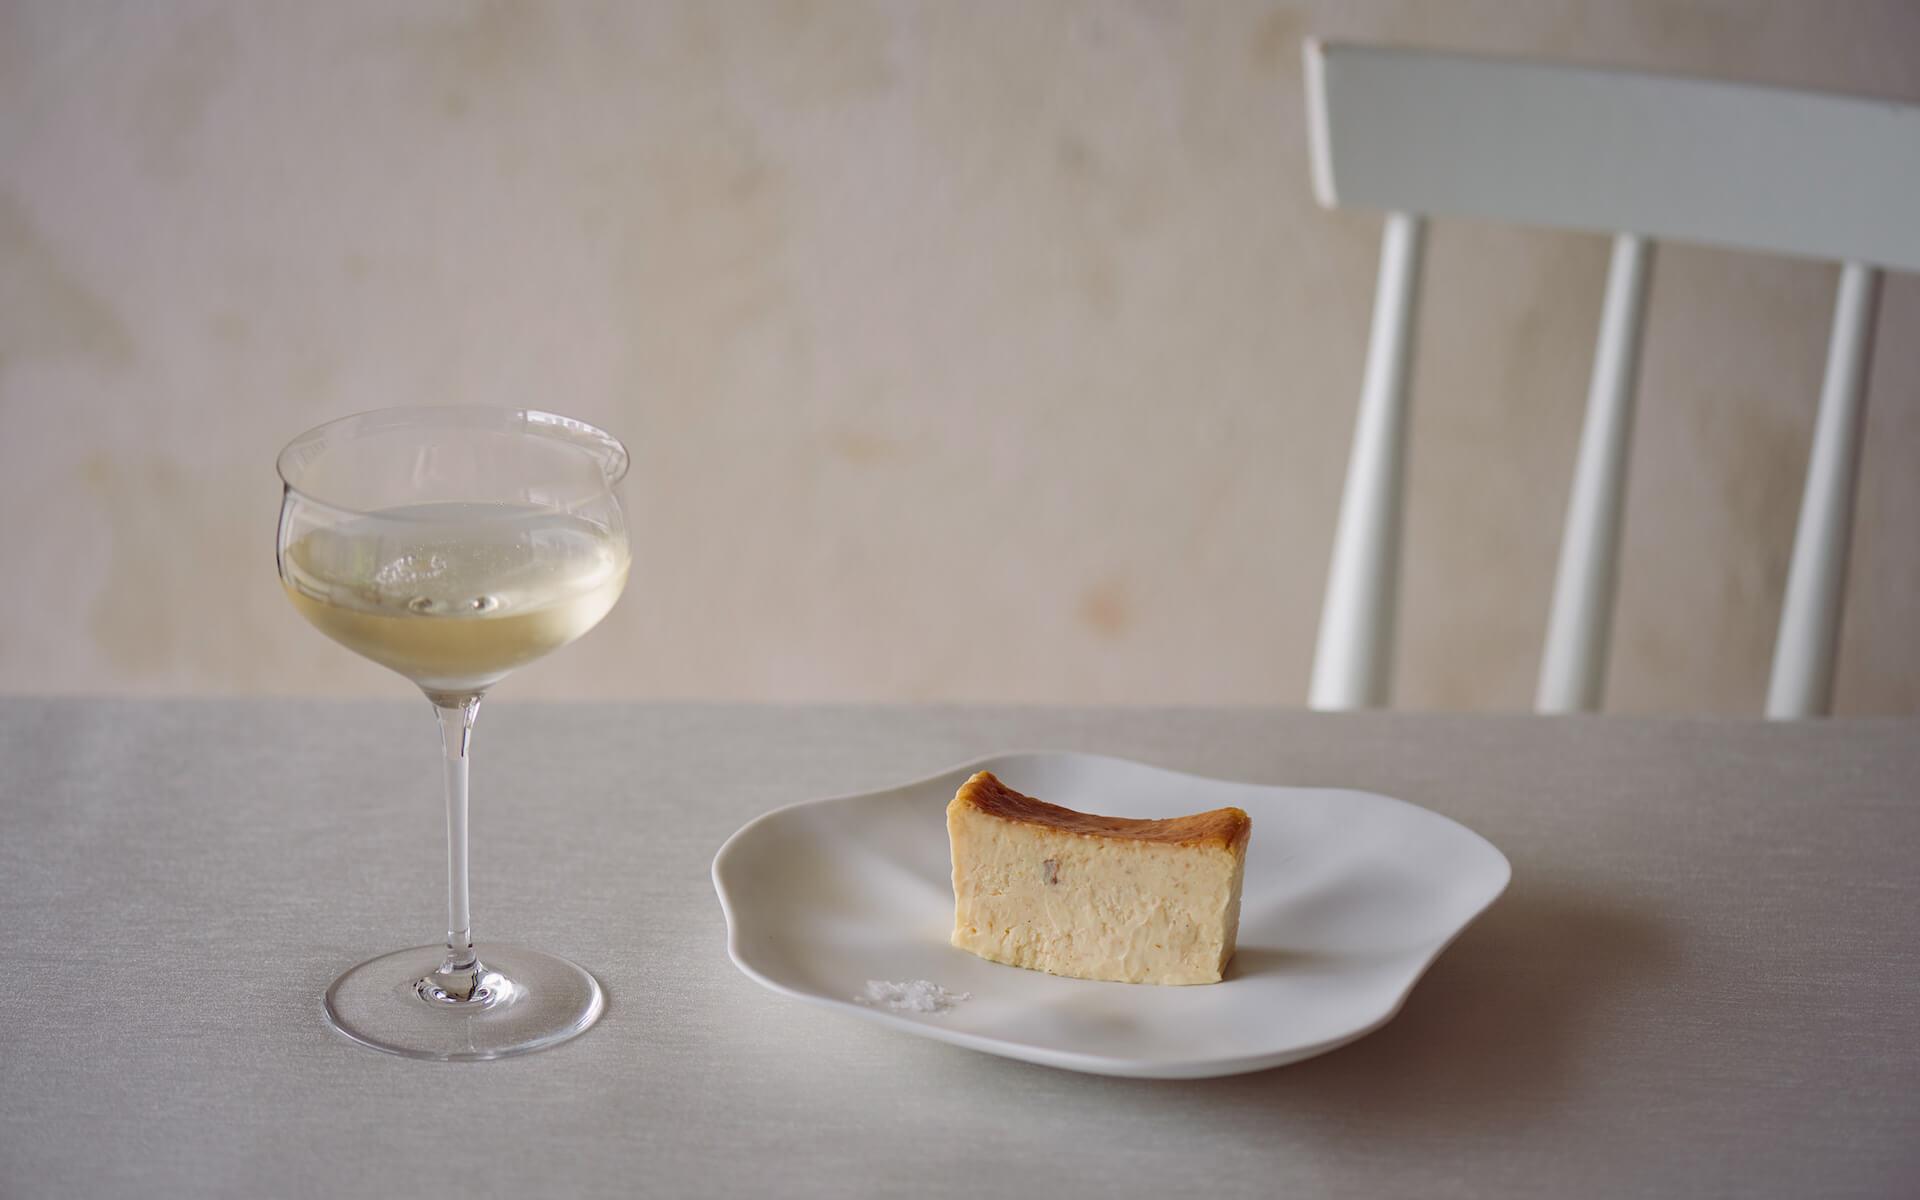 """売り切れ必至のMr. CHEESECAKE新商品が受注生産販売決定!高級食材""""白トリュフ""""を使った高価なチーズケーキ gourmet201027_mrcheesecake_2"""